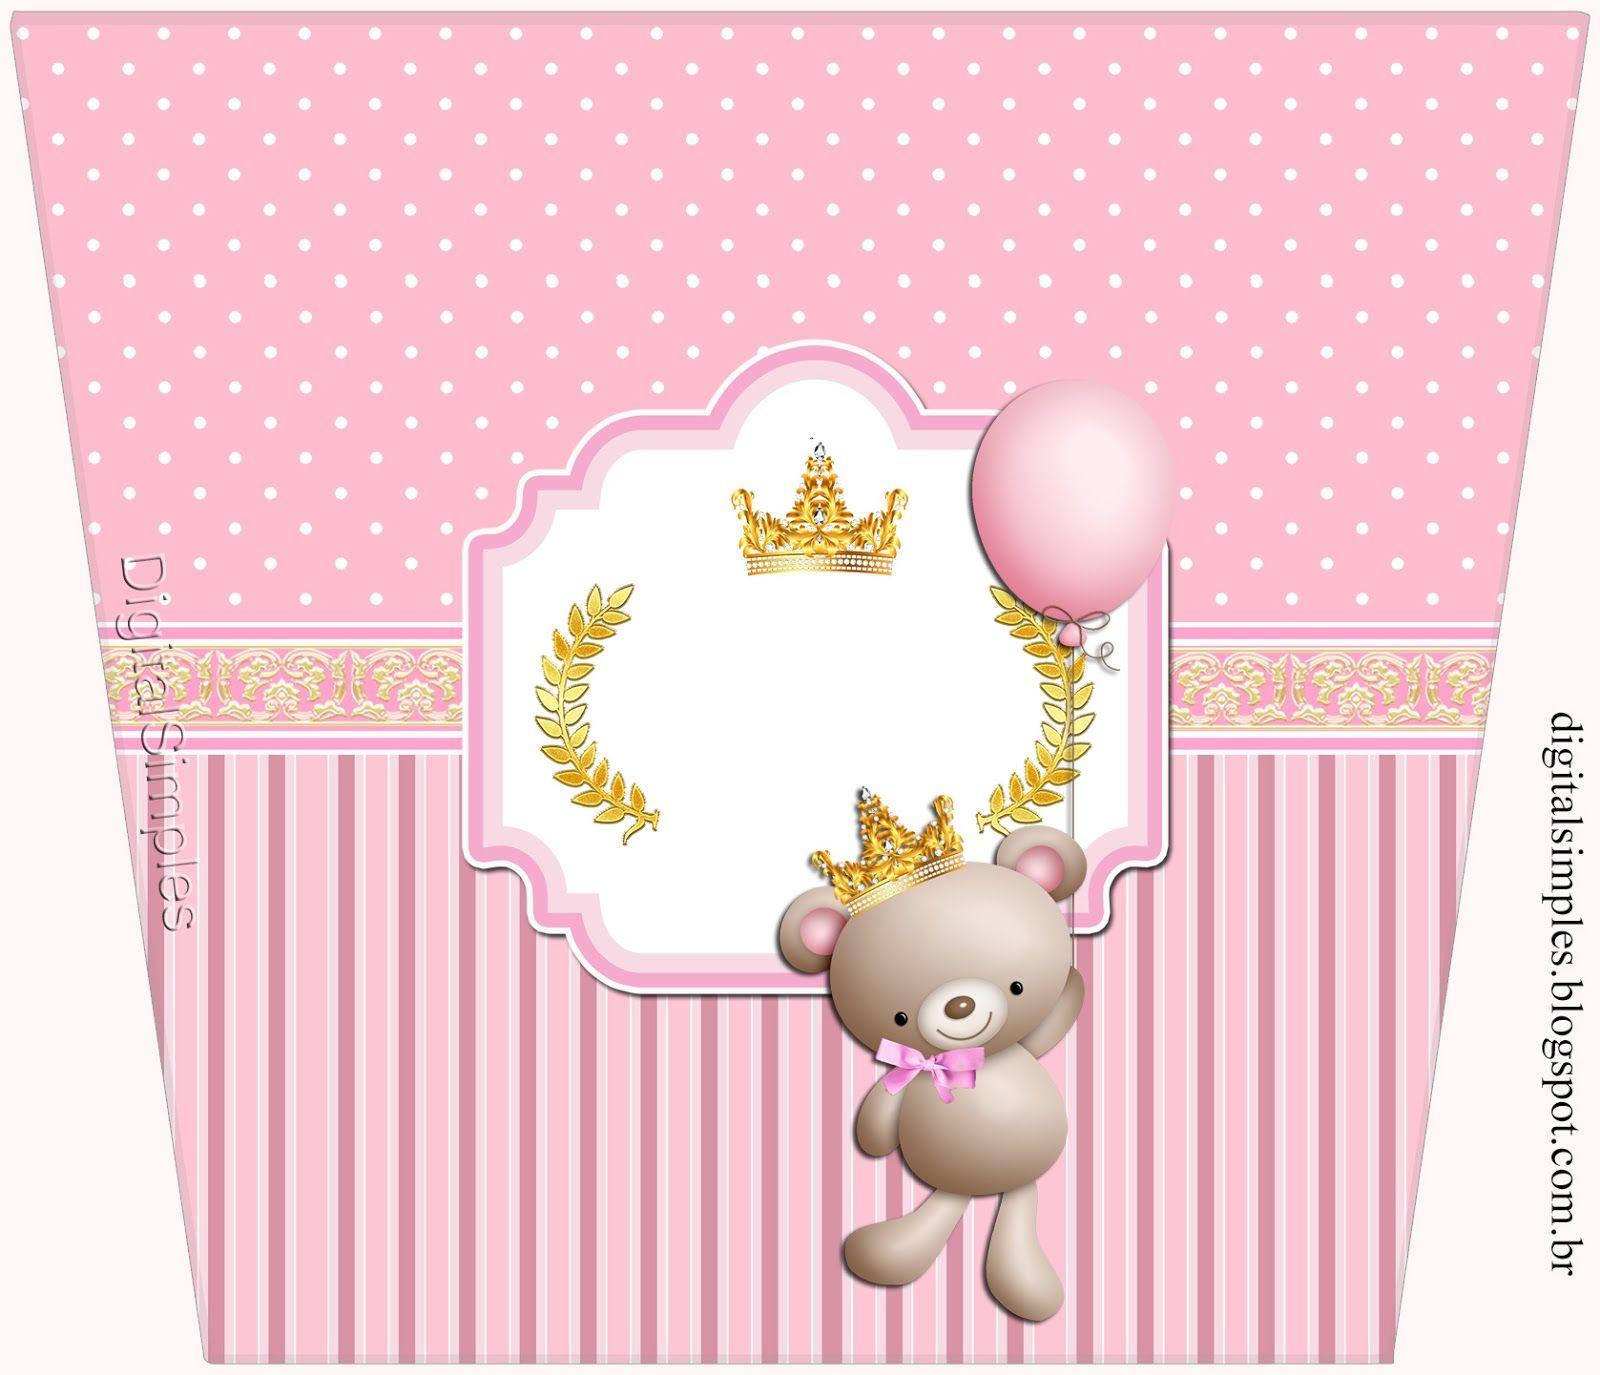 Princesa Osita De Peluche Etiquetas Para Candy Bar Para Imprimir